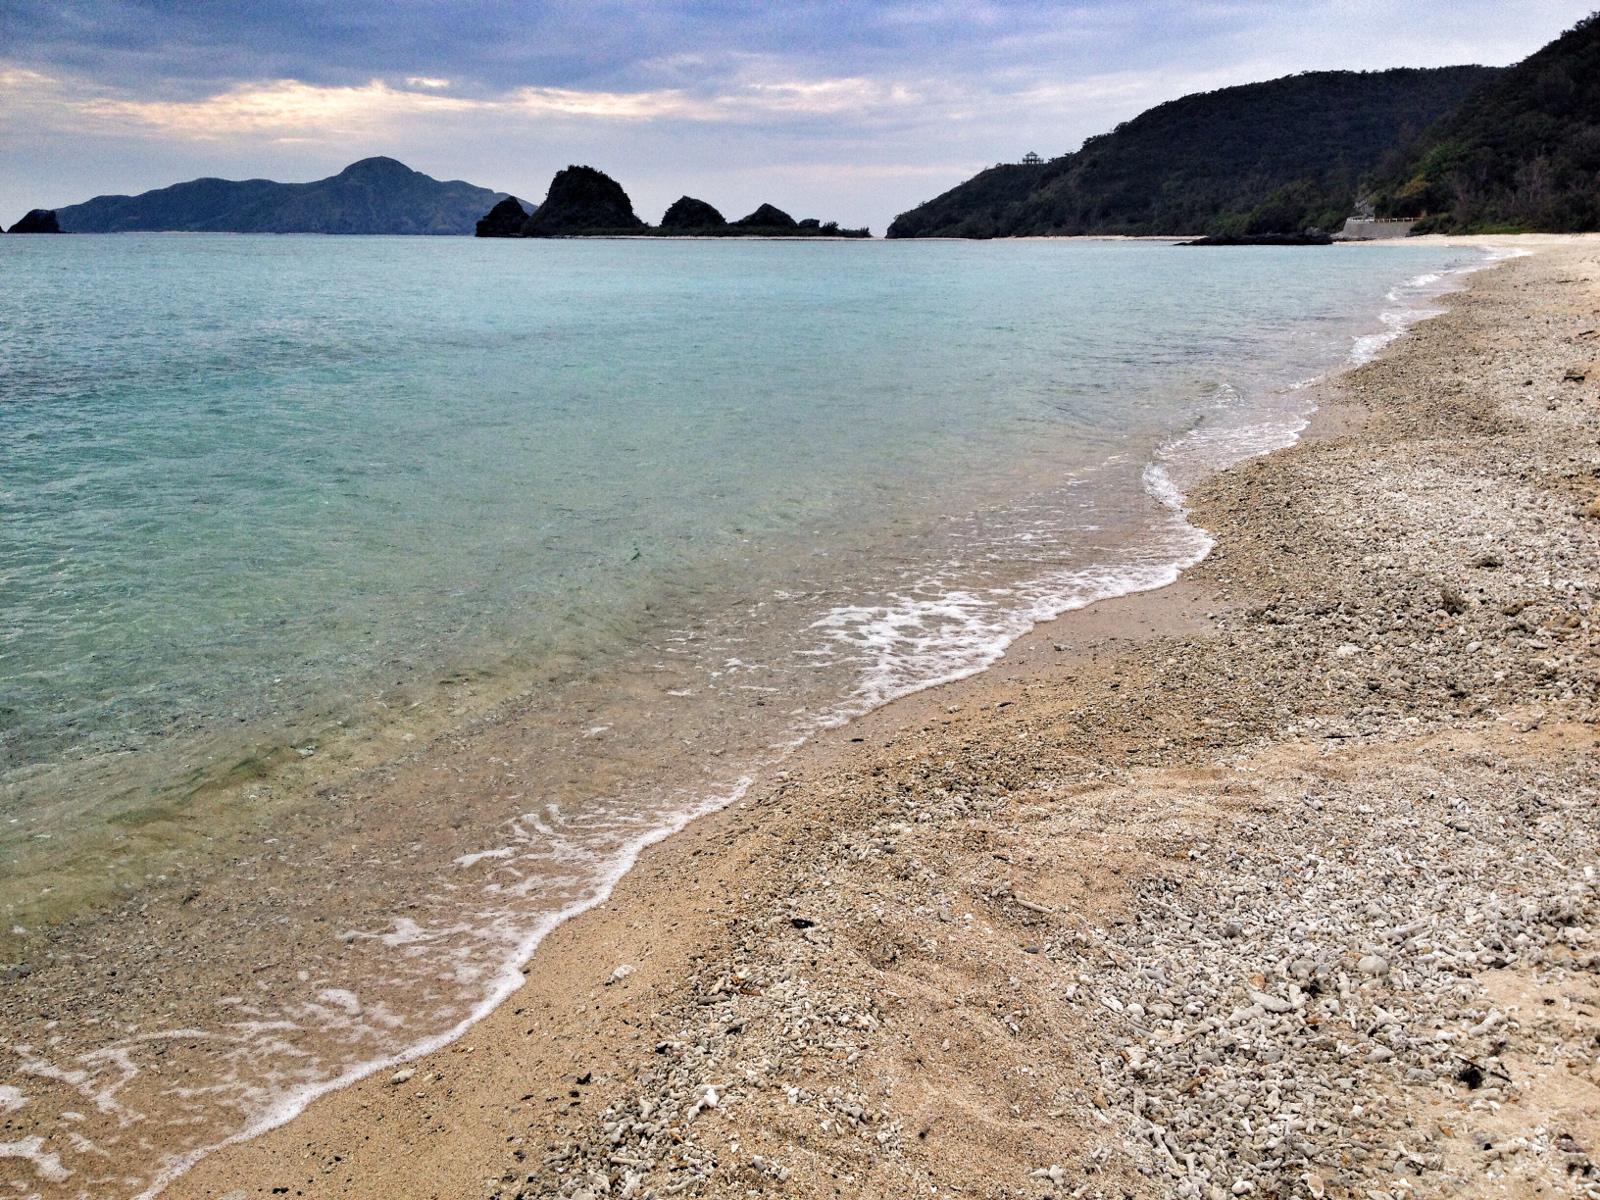 Plaża Furuzamami na wyspie Zamami, Kerama Islands, Okinawa, Japonia